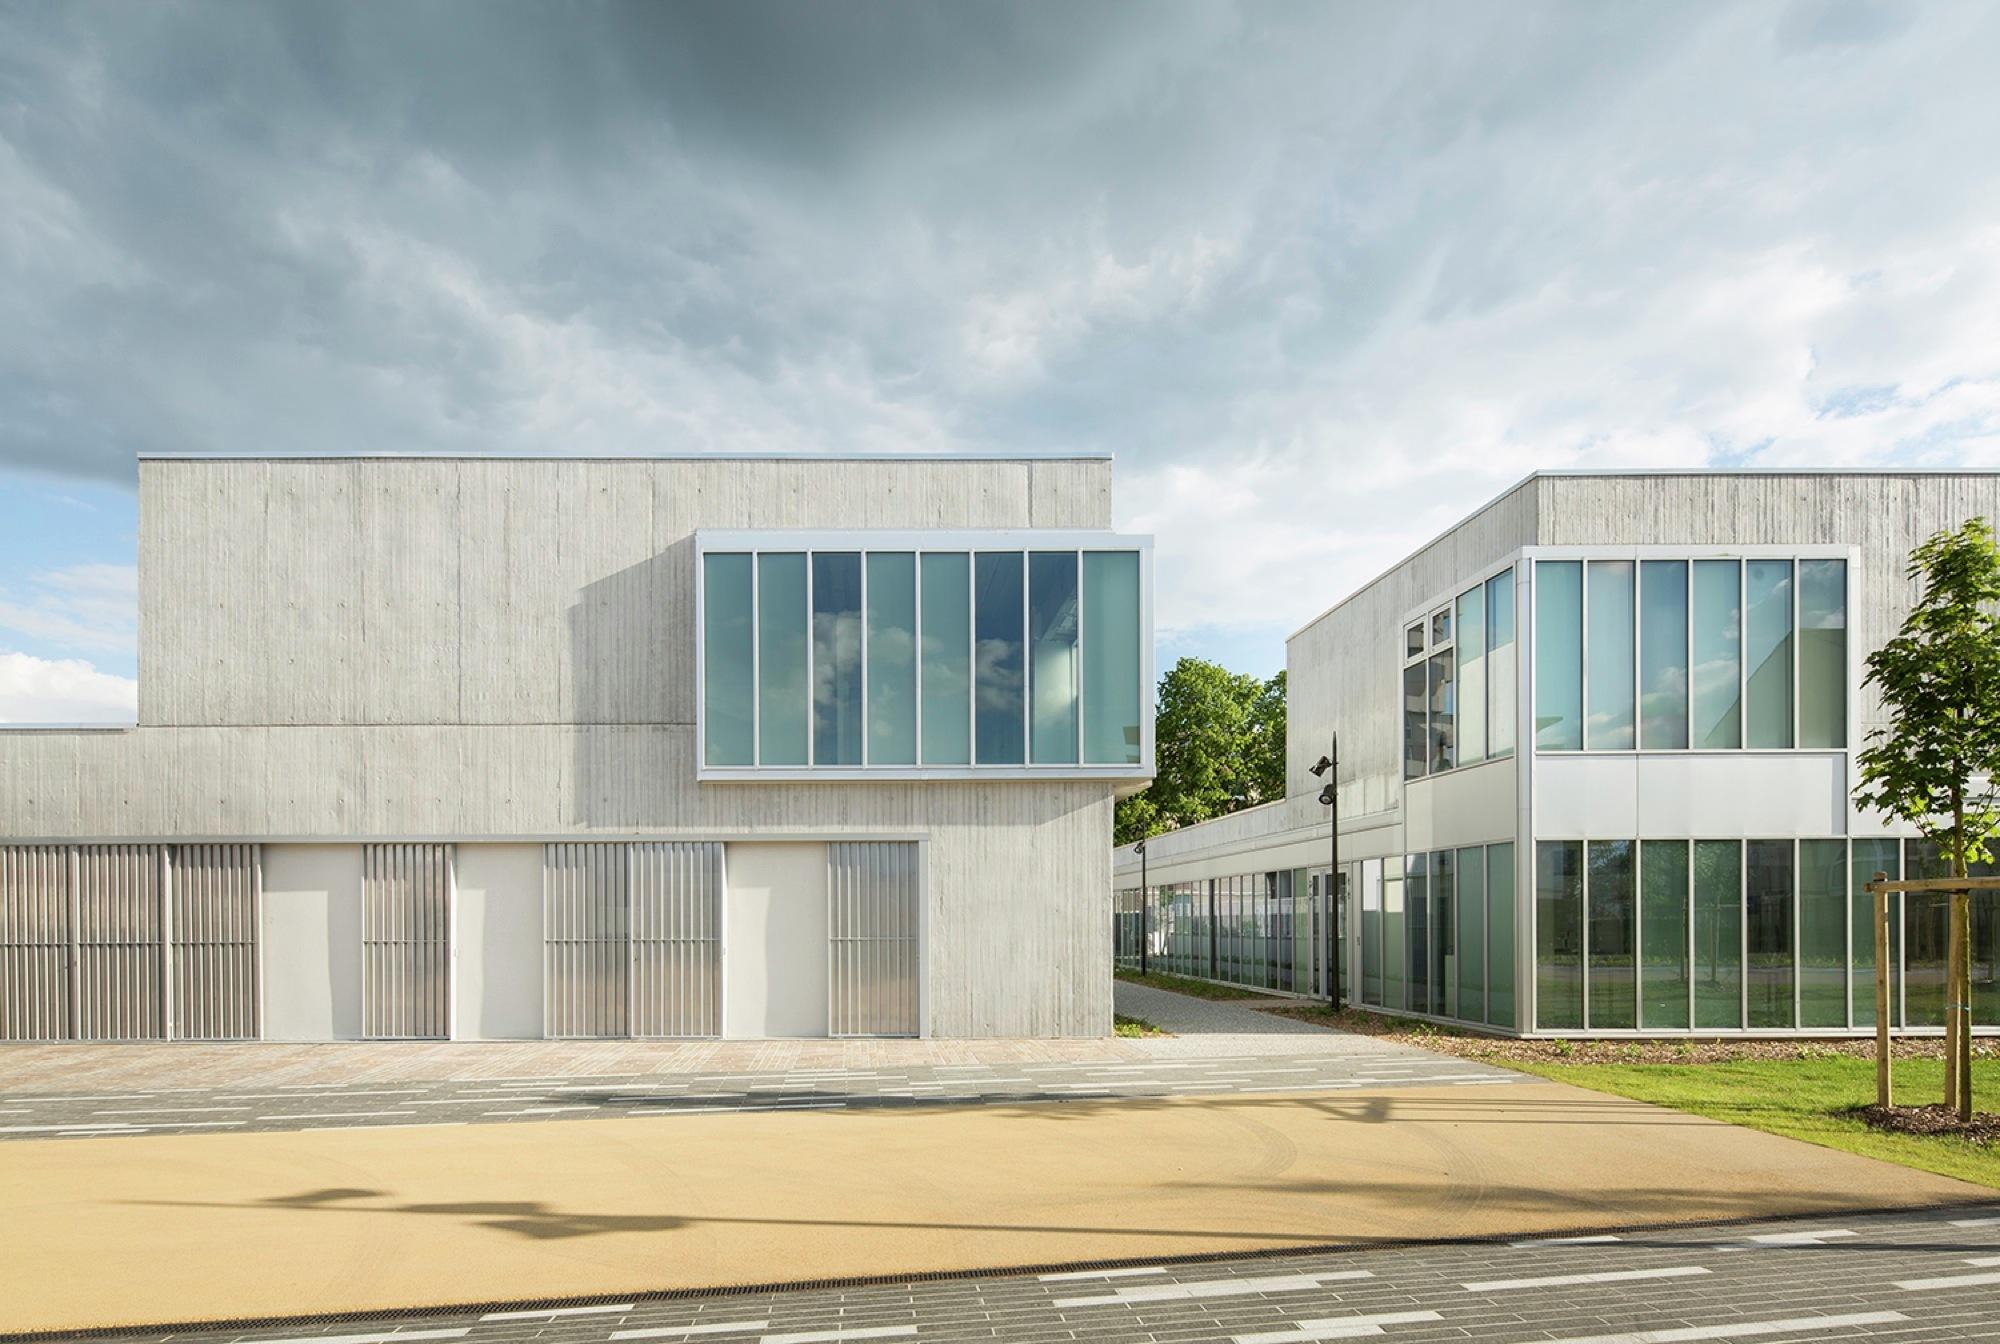 100 Incroyable Concepts L Atelier D Architecture Creil